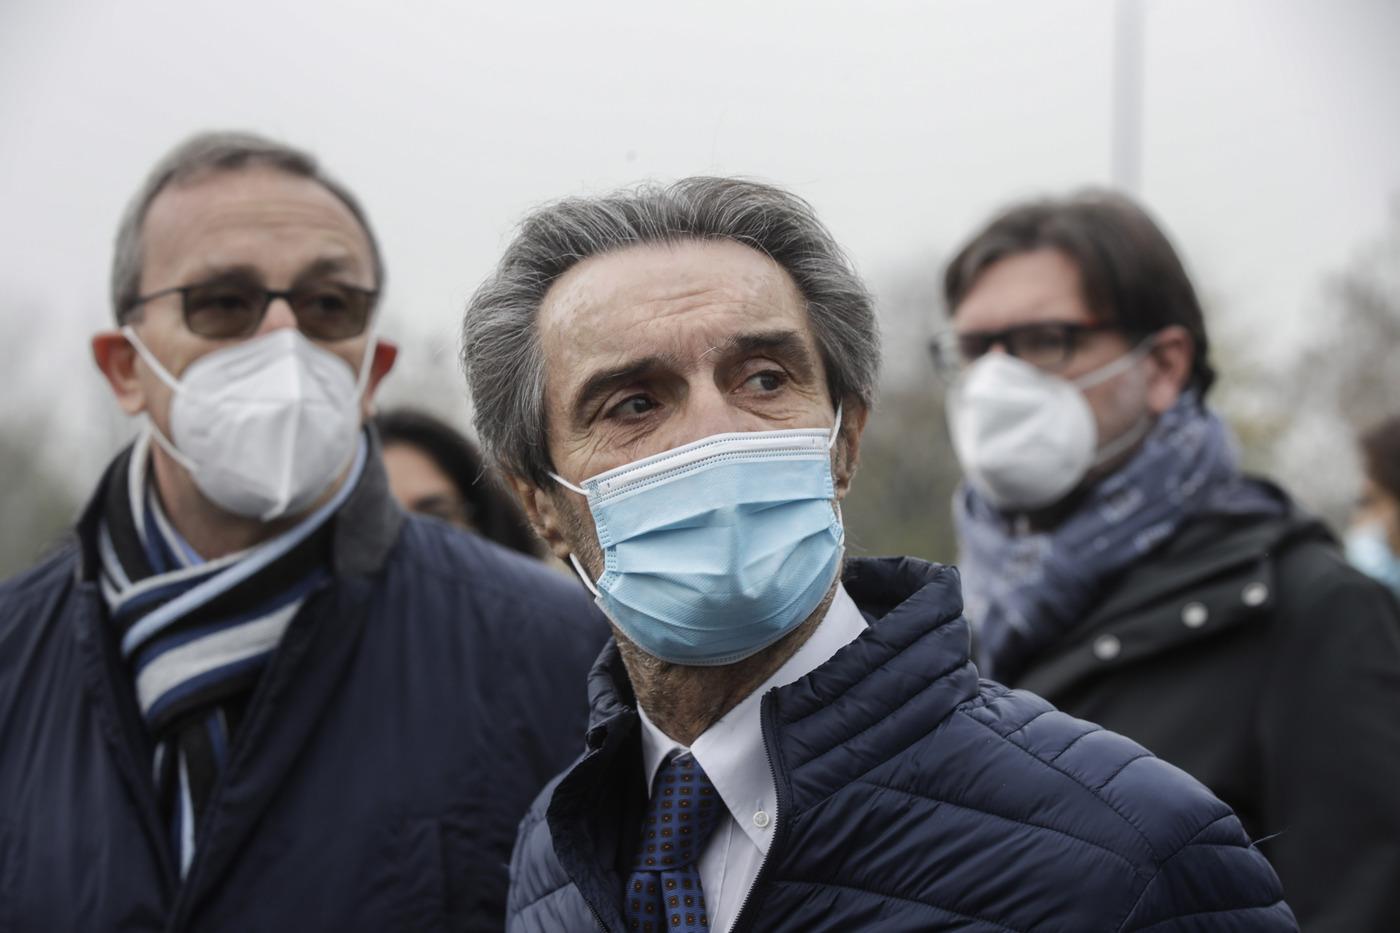 Attilio Fontana. Coronavirus, le immagini dal mondo in emergenza sanitaria